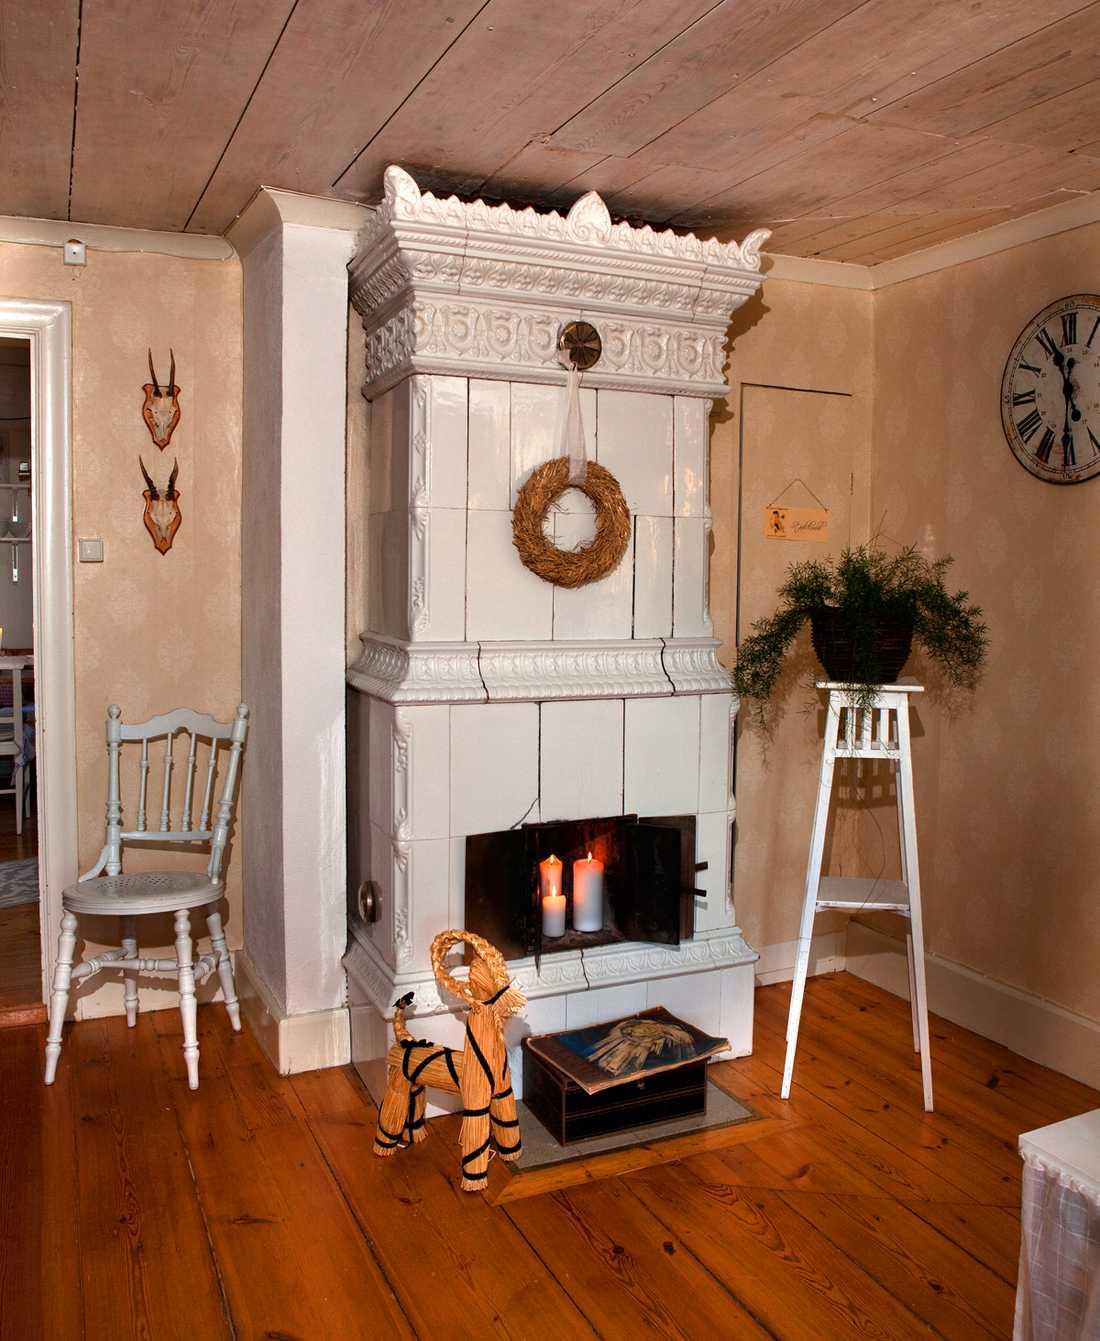 MYSFAKTOR. Det går visserligen inte att elda i kakelugnen i vardagsrummet, men med tjocka tända ljus i eldstaden sprider den ändå en varm atmosfär.